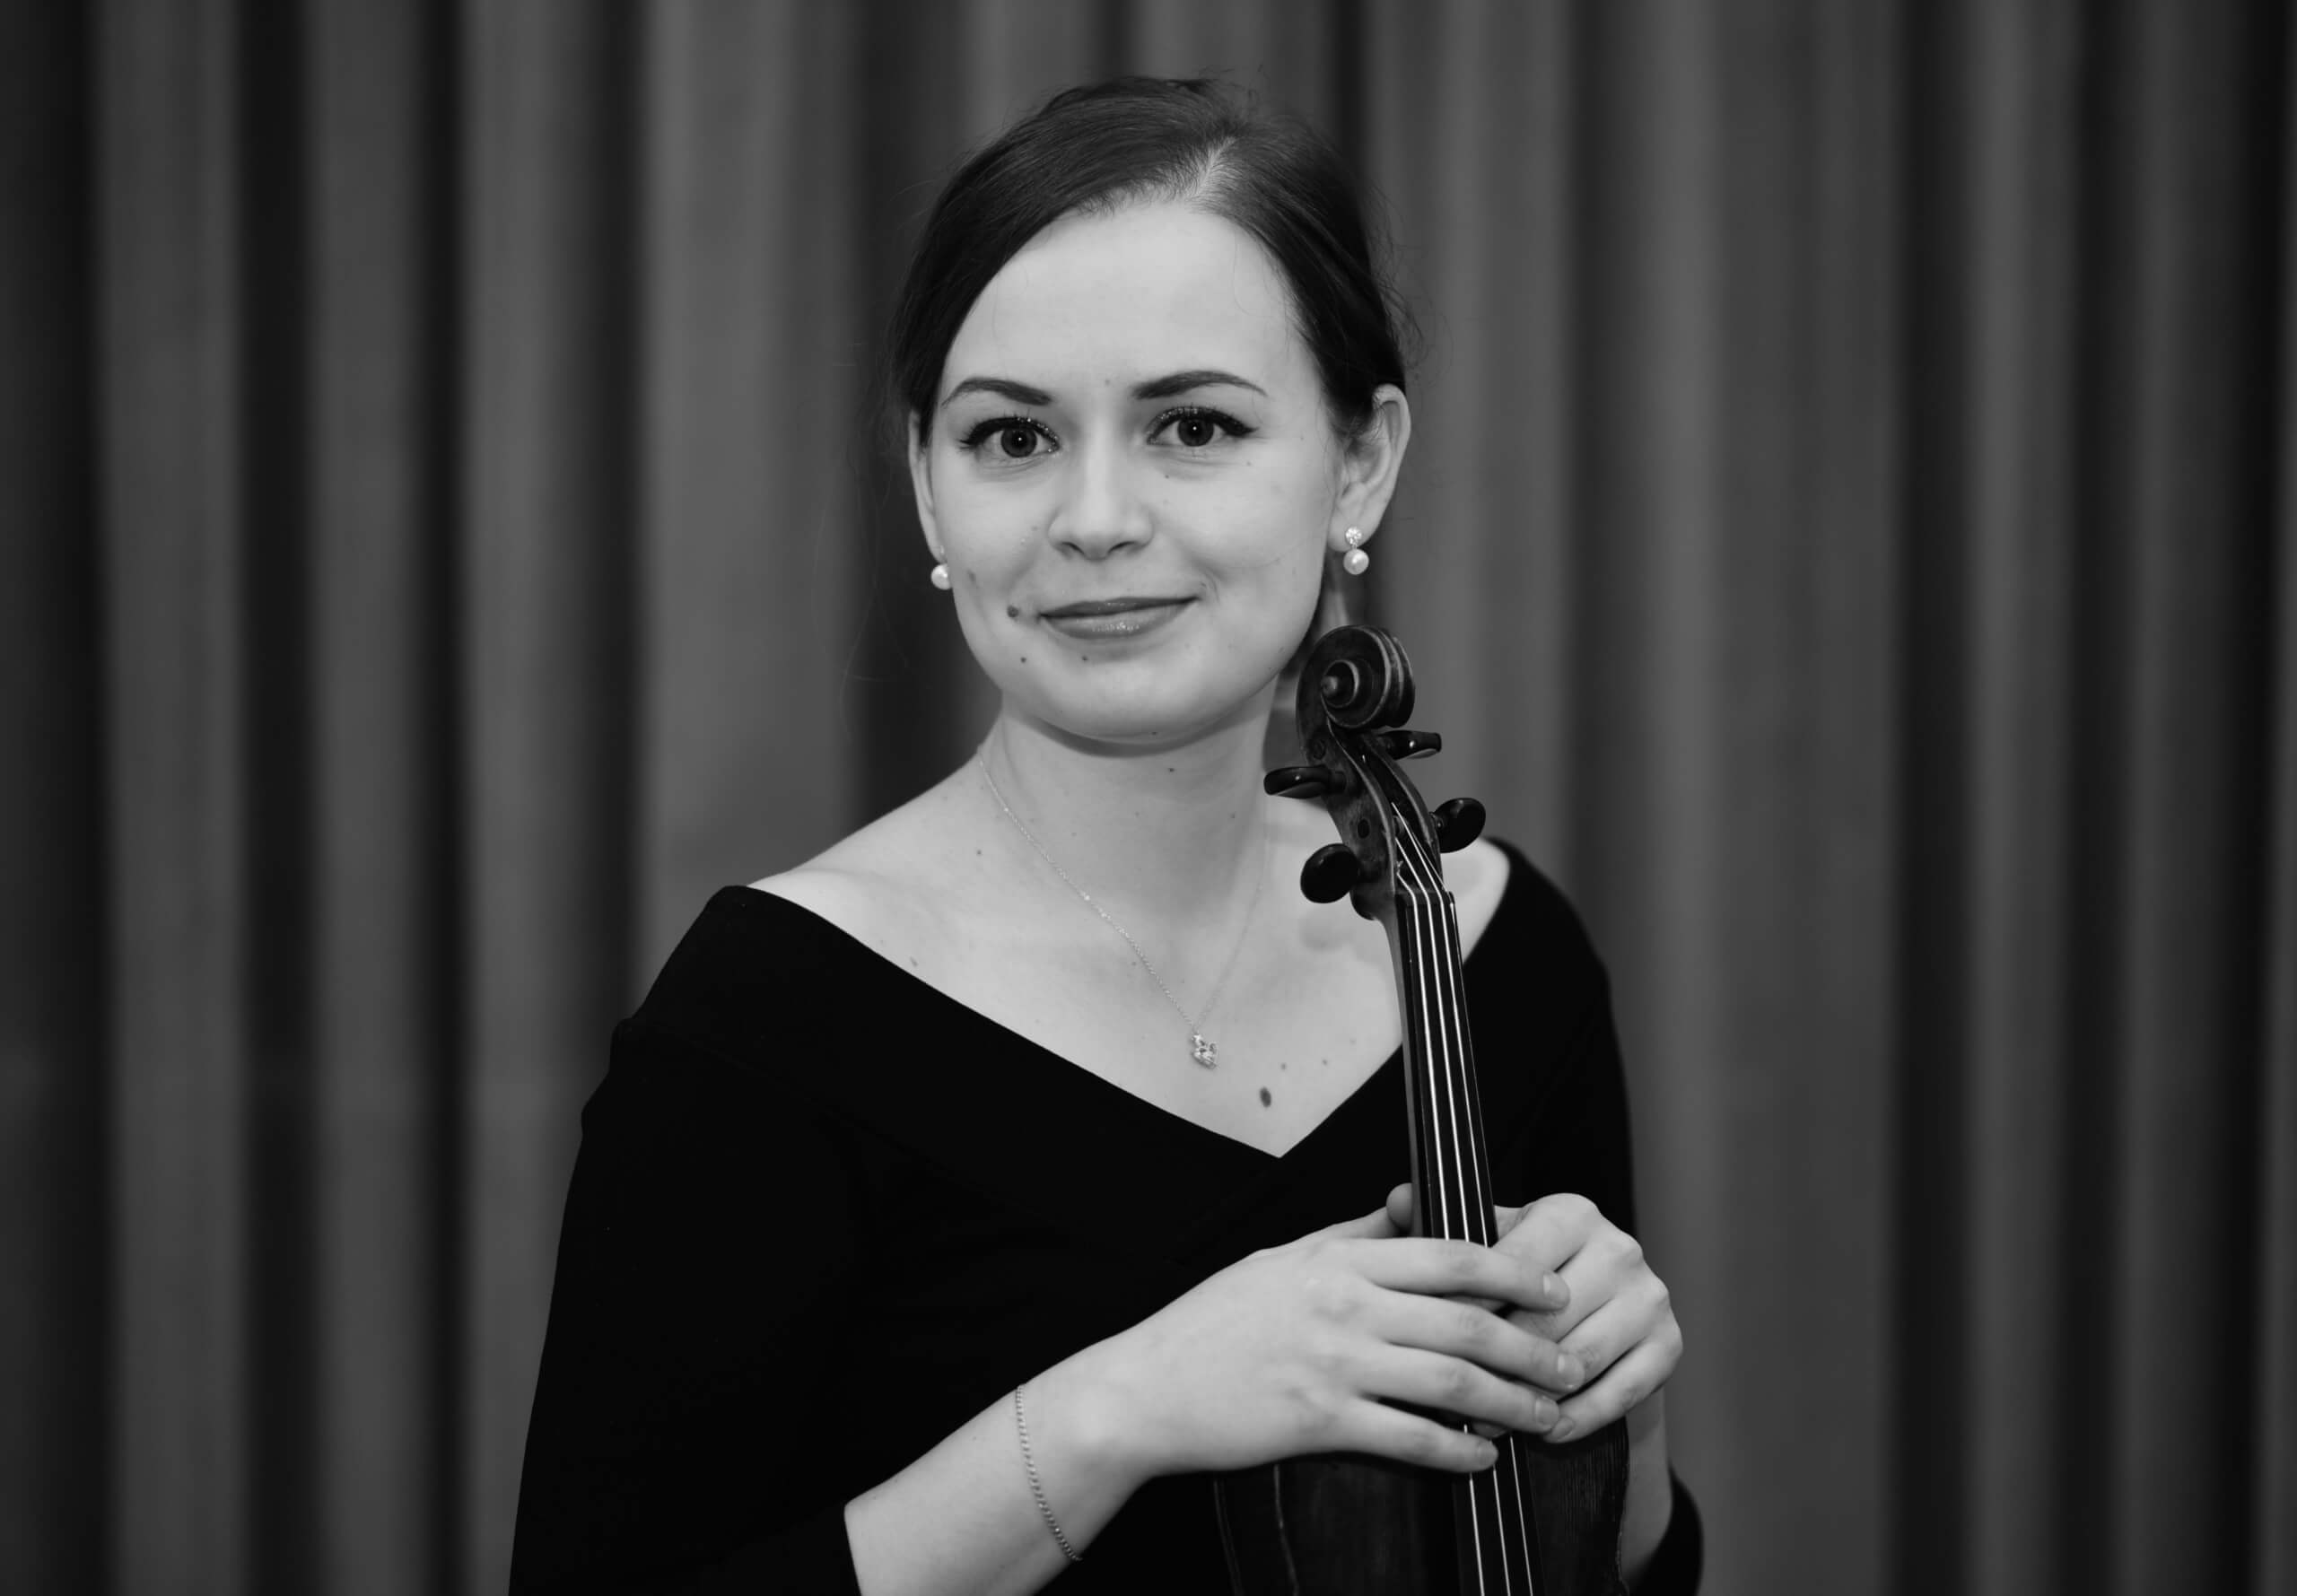 Olga Shupik